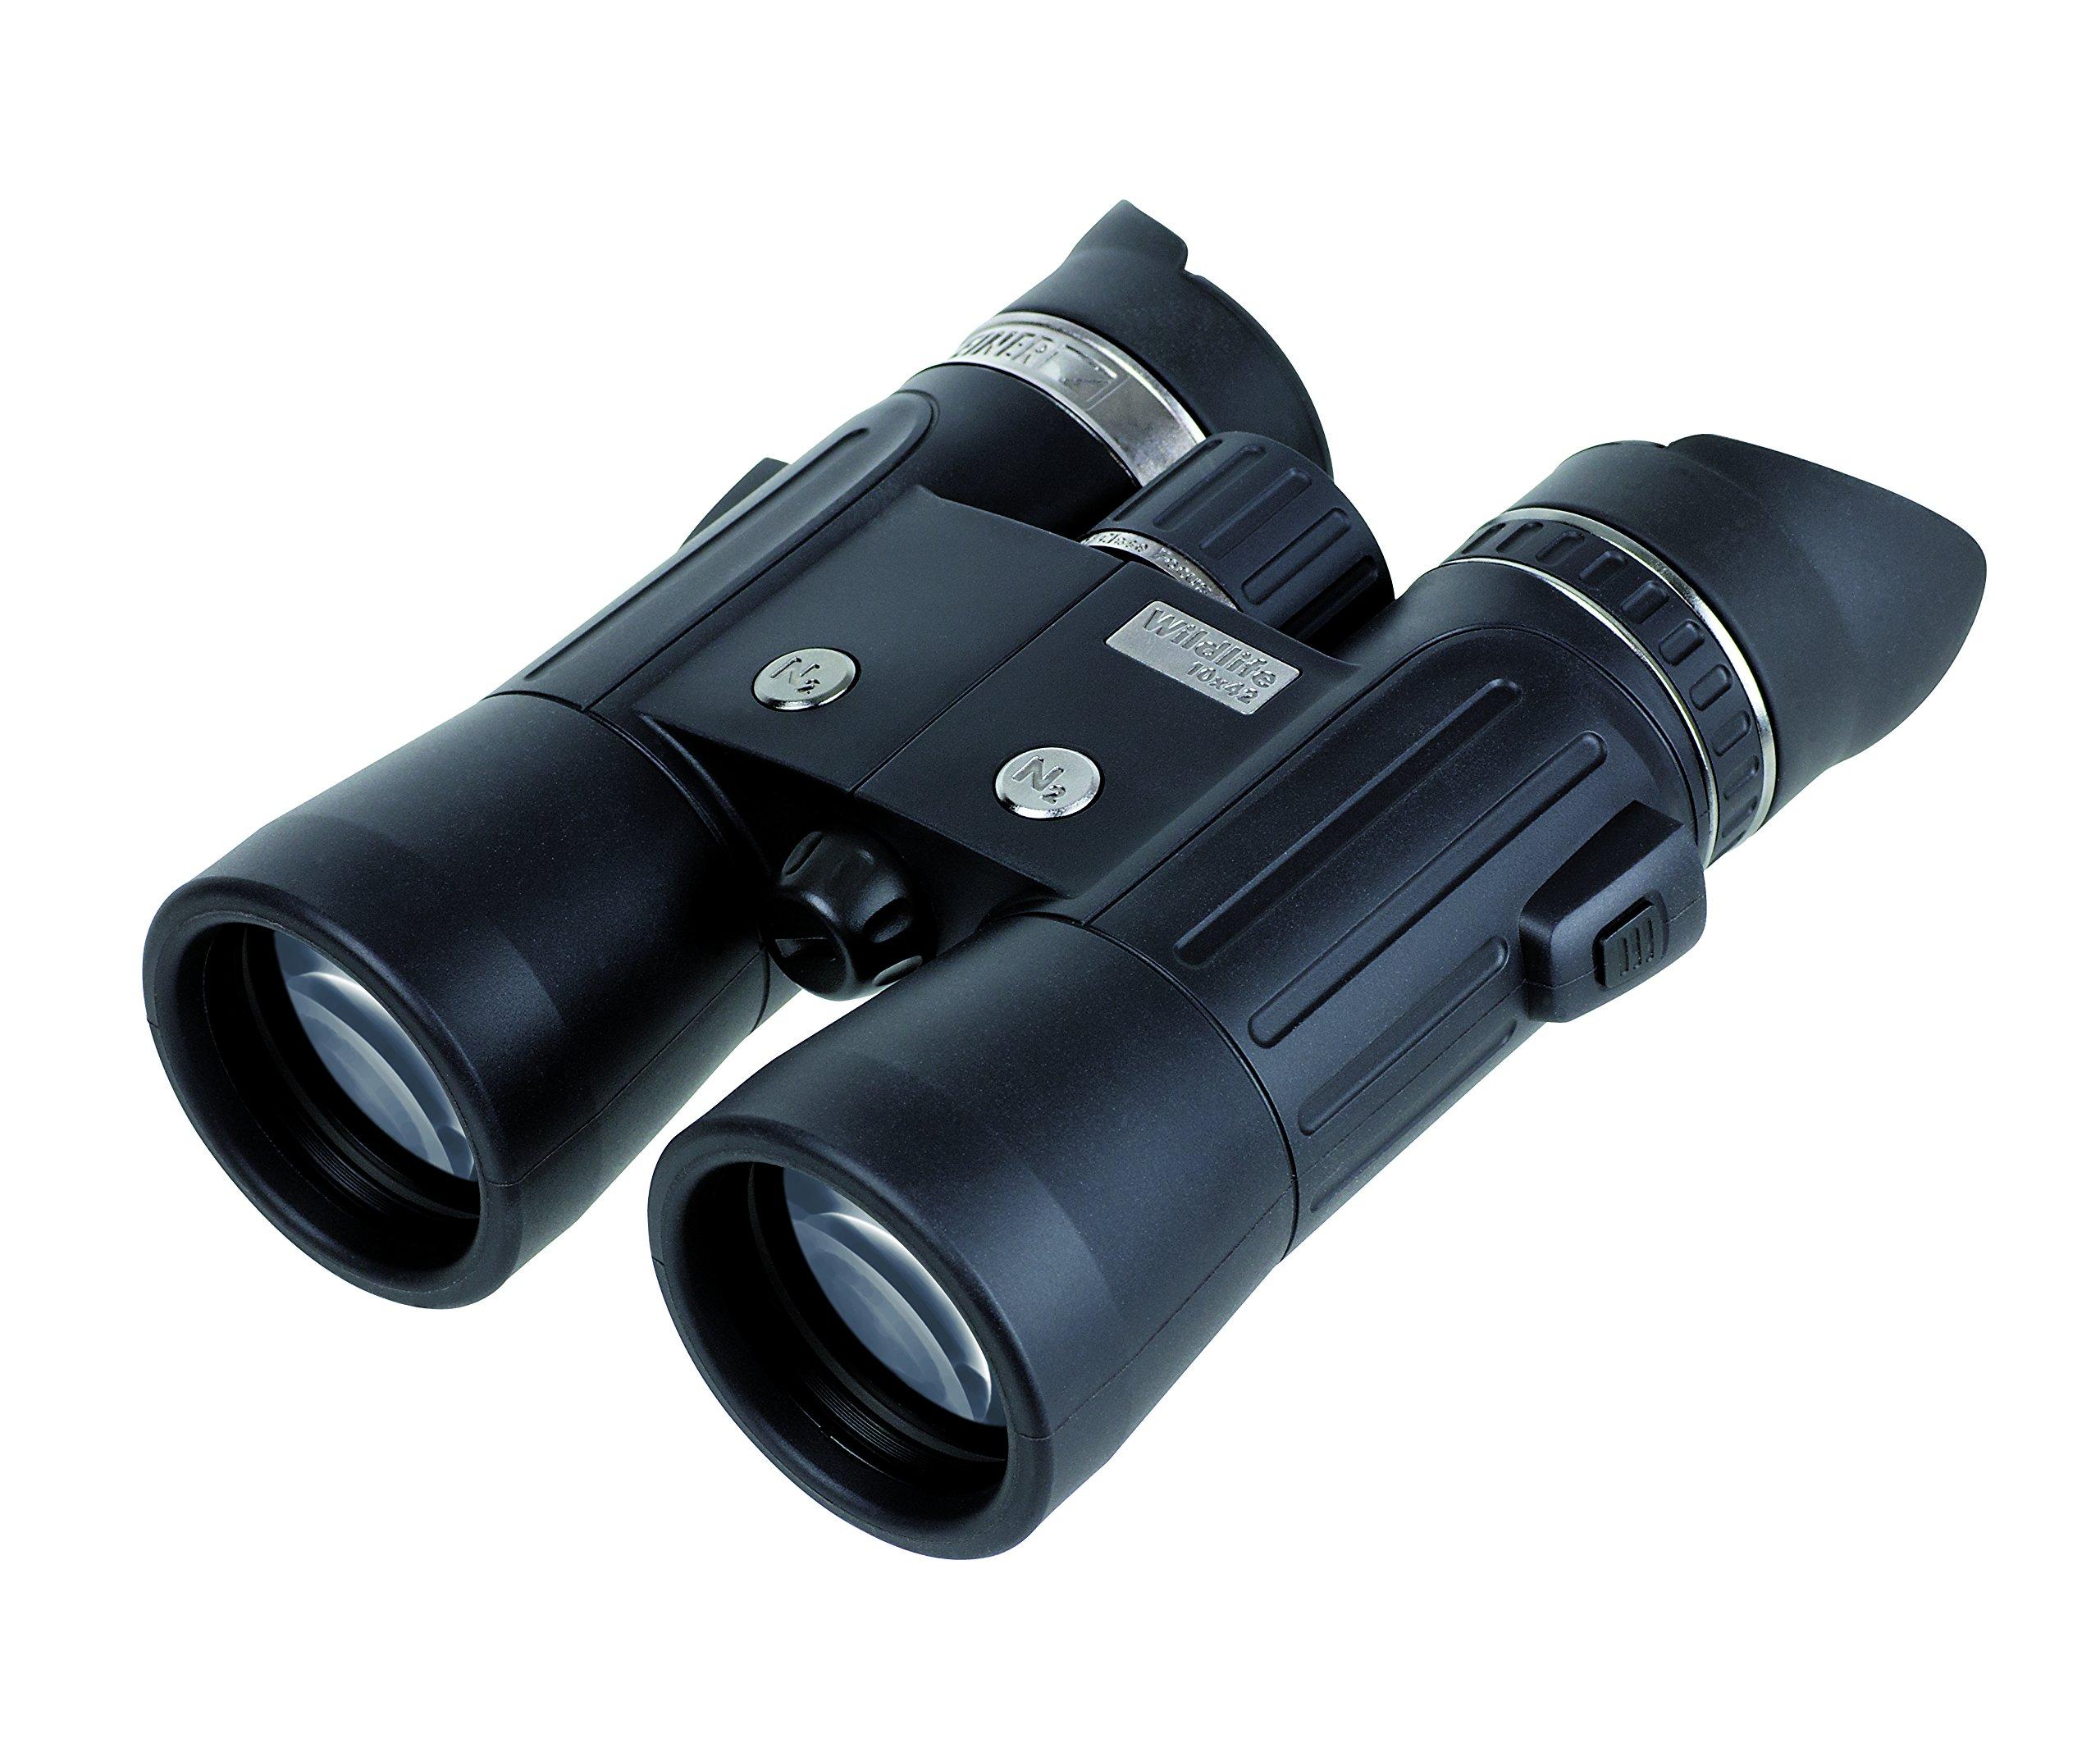 Swarovski Entfernungsmesser Xxl : Am besten bewertete produkte in der kategorie ferngläser teleskope